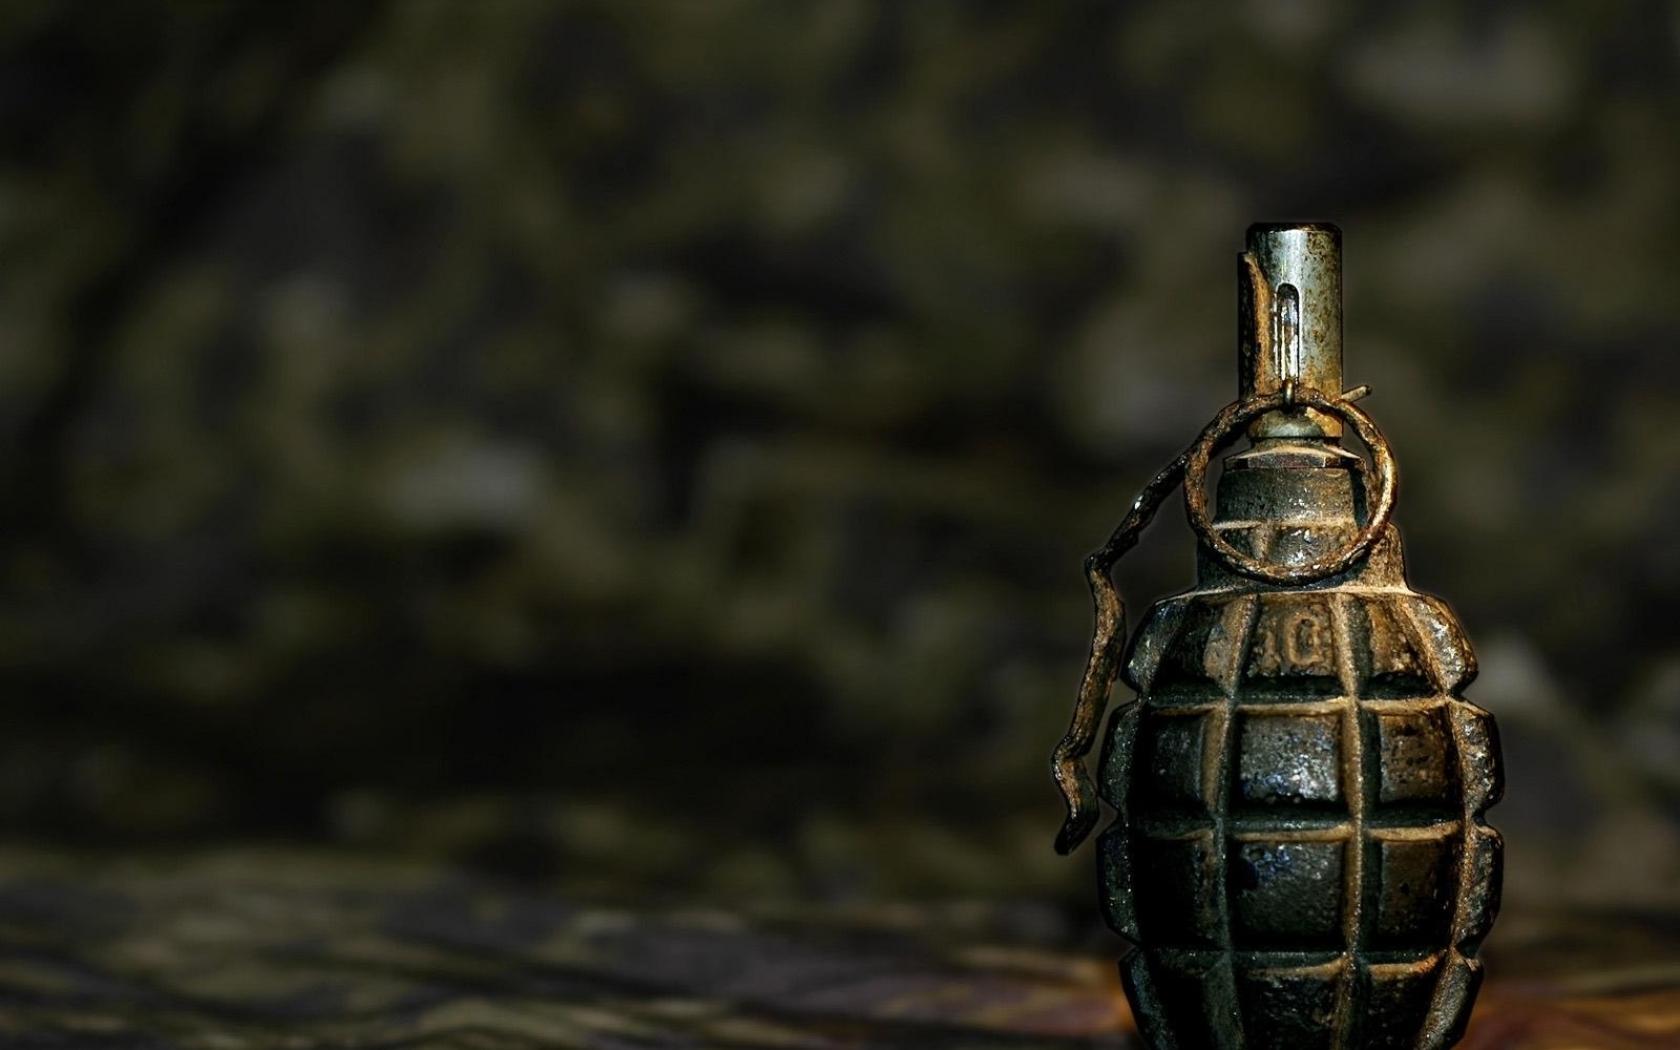 В Донецкой обл. 19-летний парень бросил гранату в собутыльника